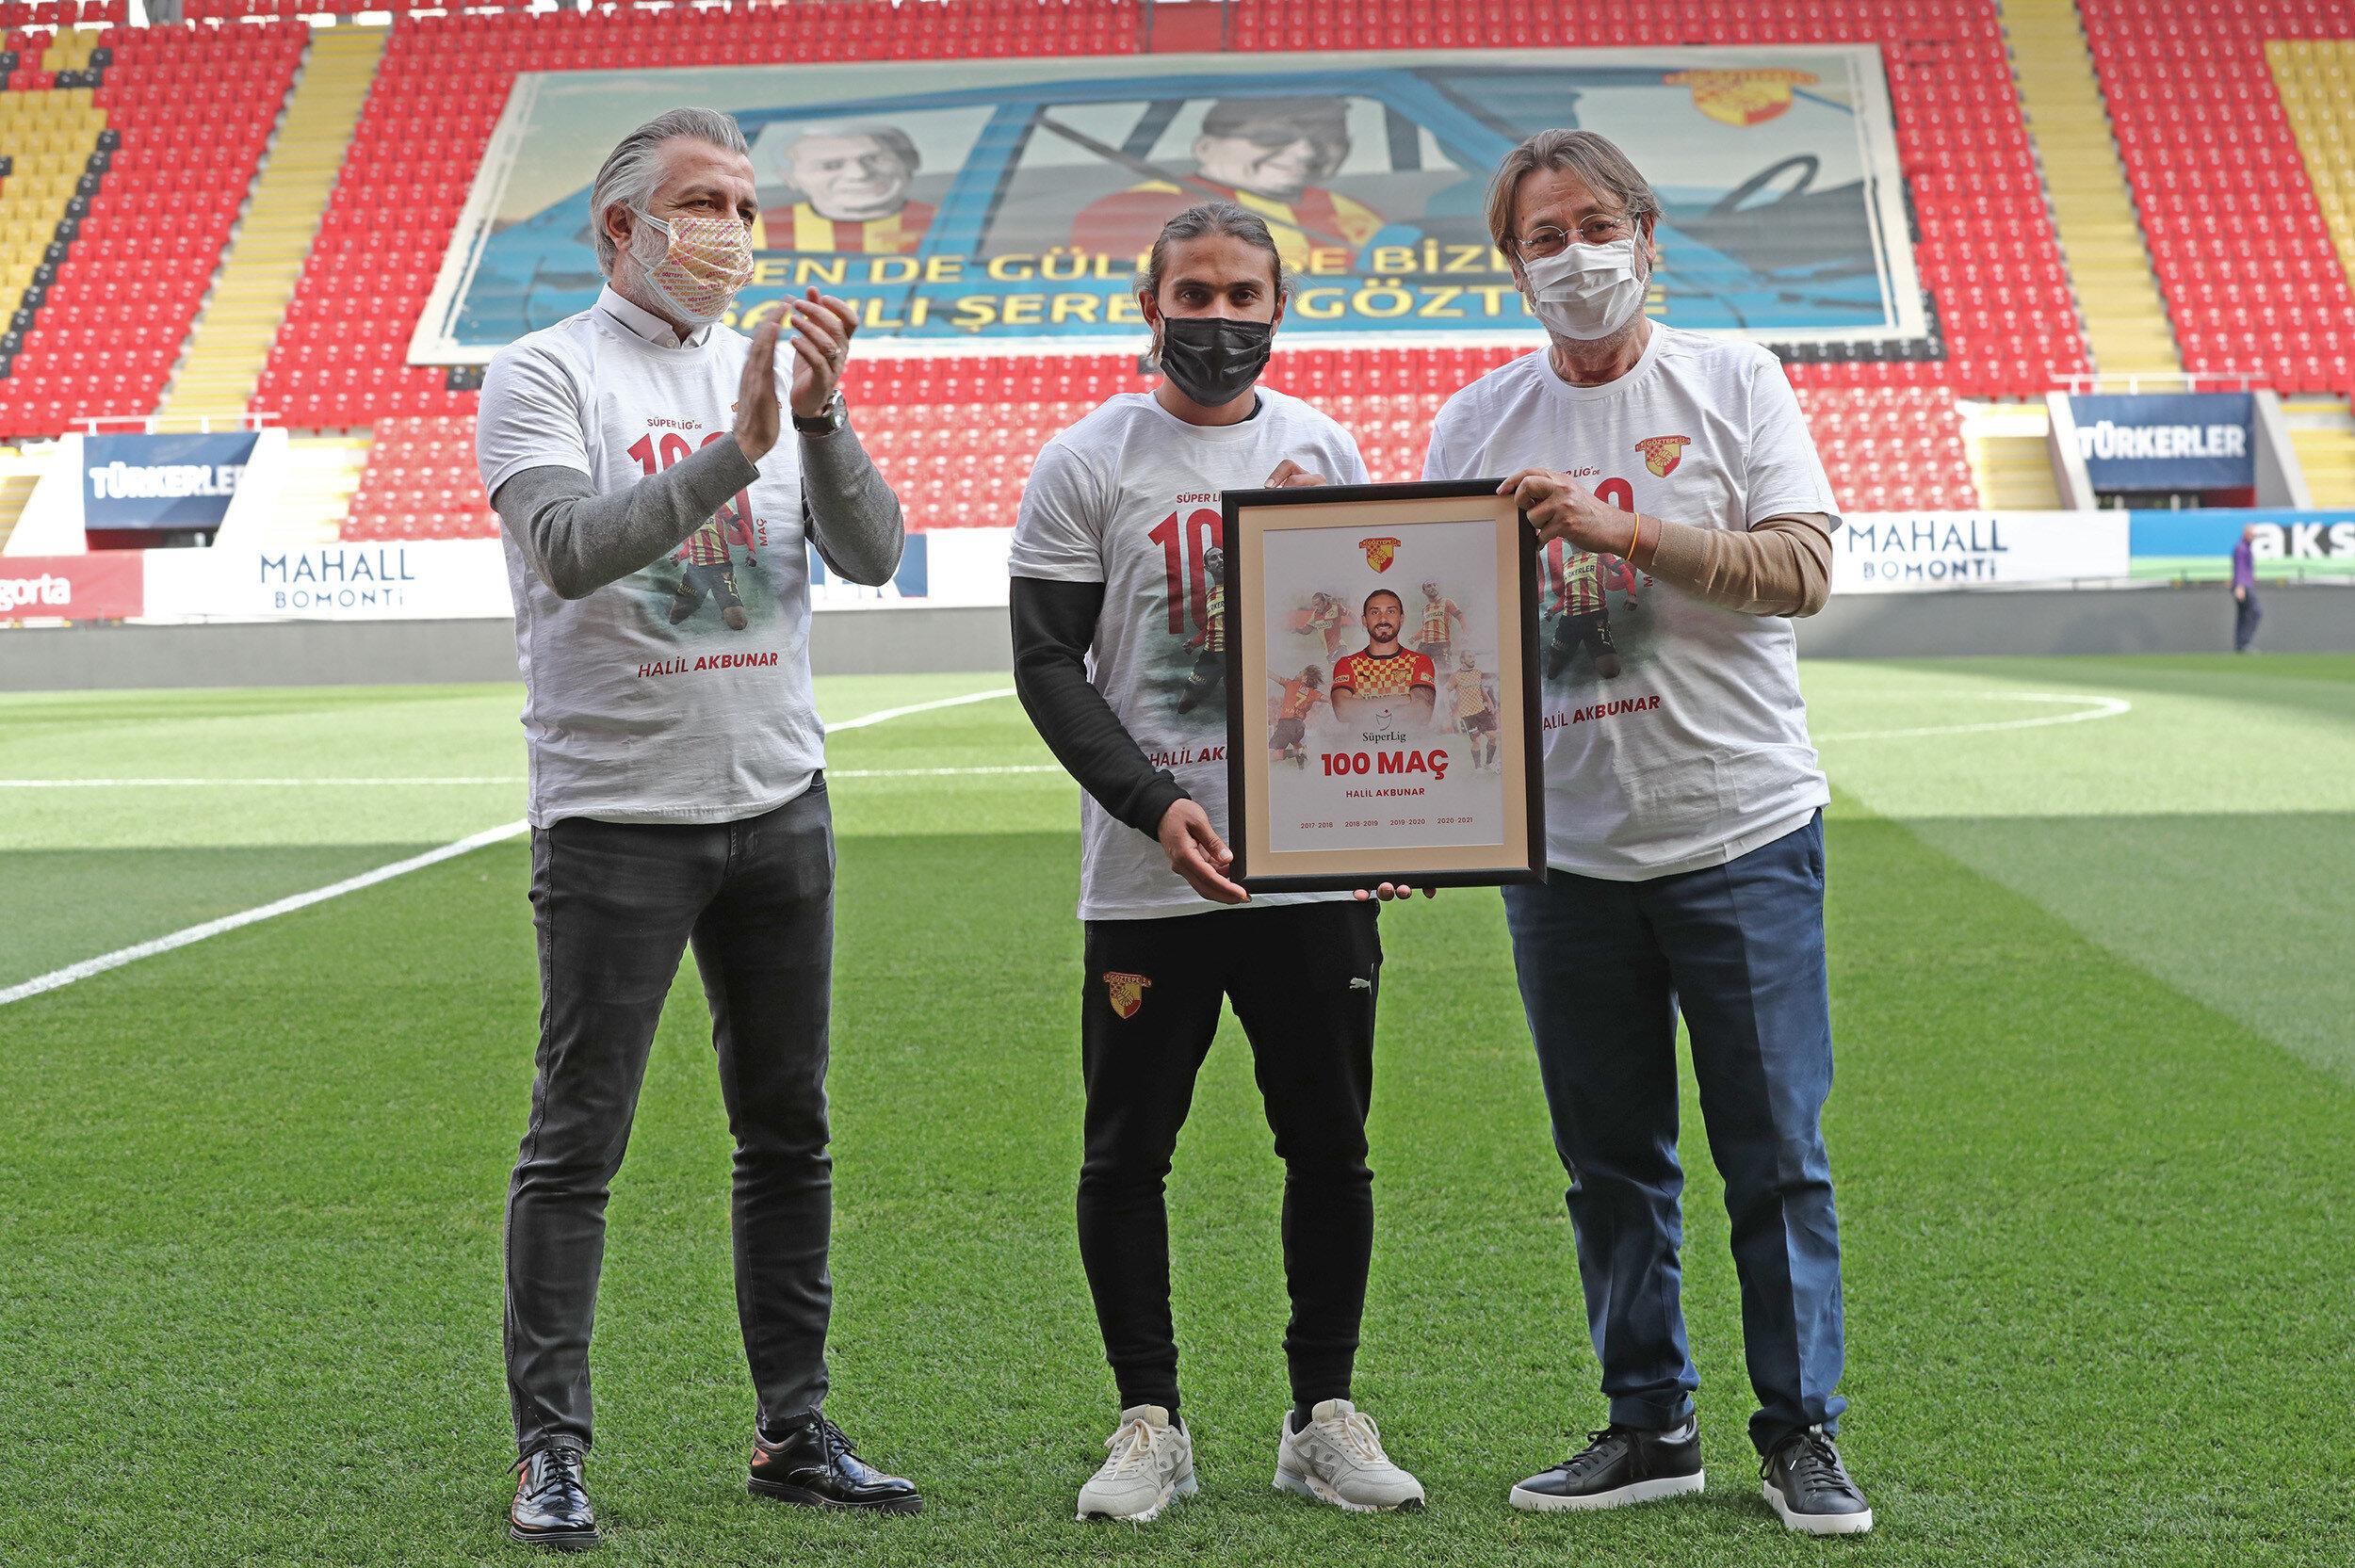 Halil Akbunar'a maç öncesi plaket verildi.